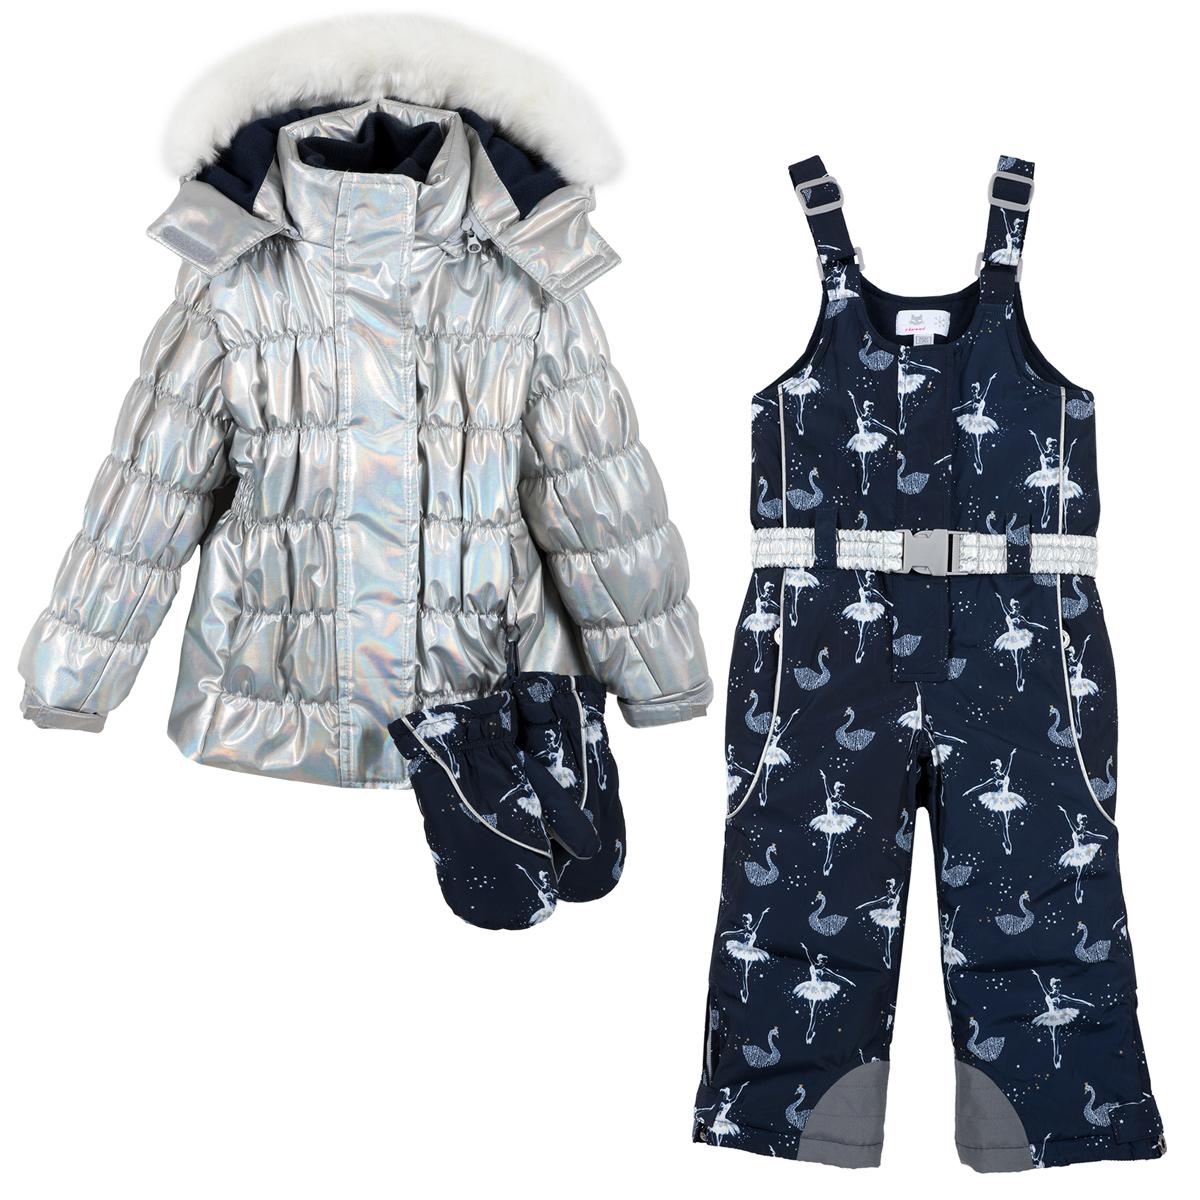 Costum Schi Copii Chicco, Impermeabil, 76344 imagine